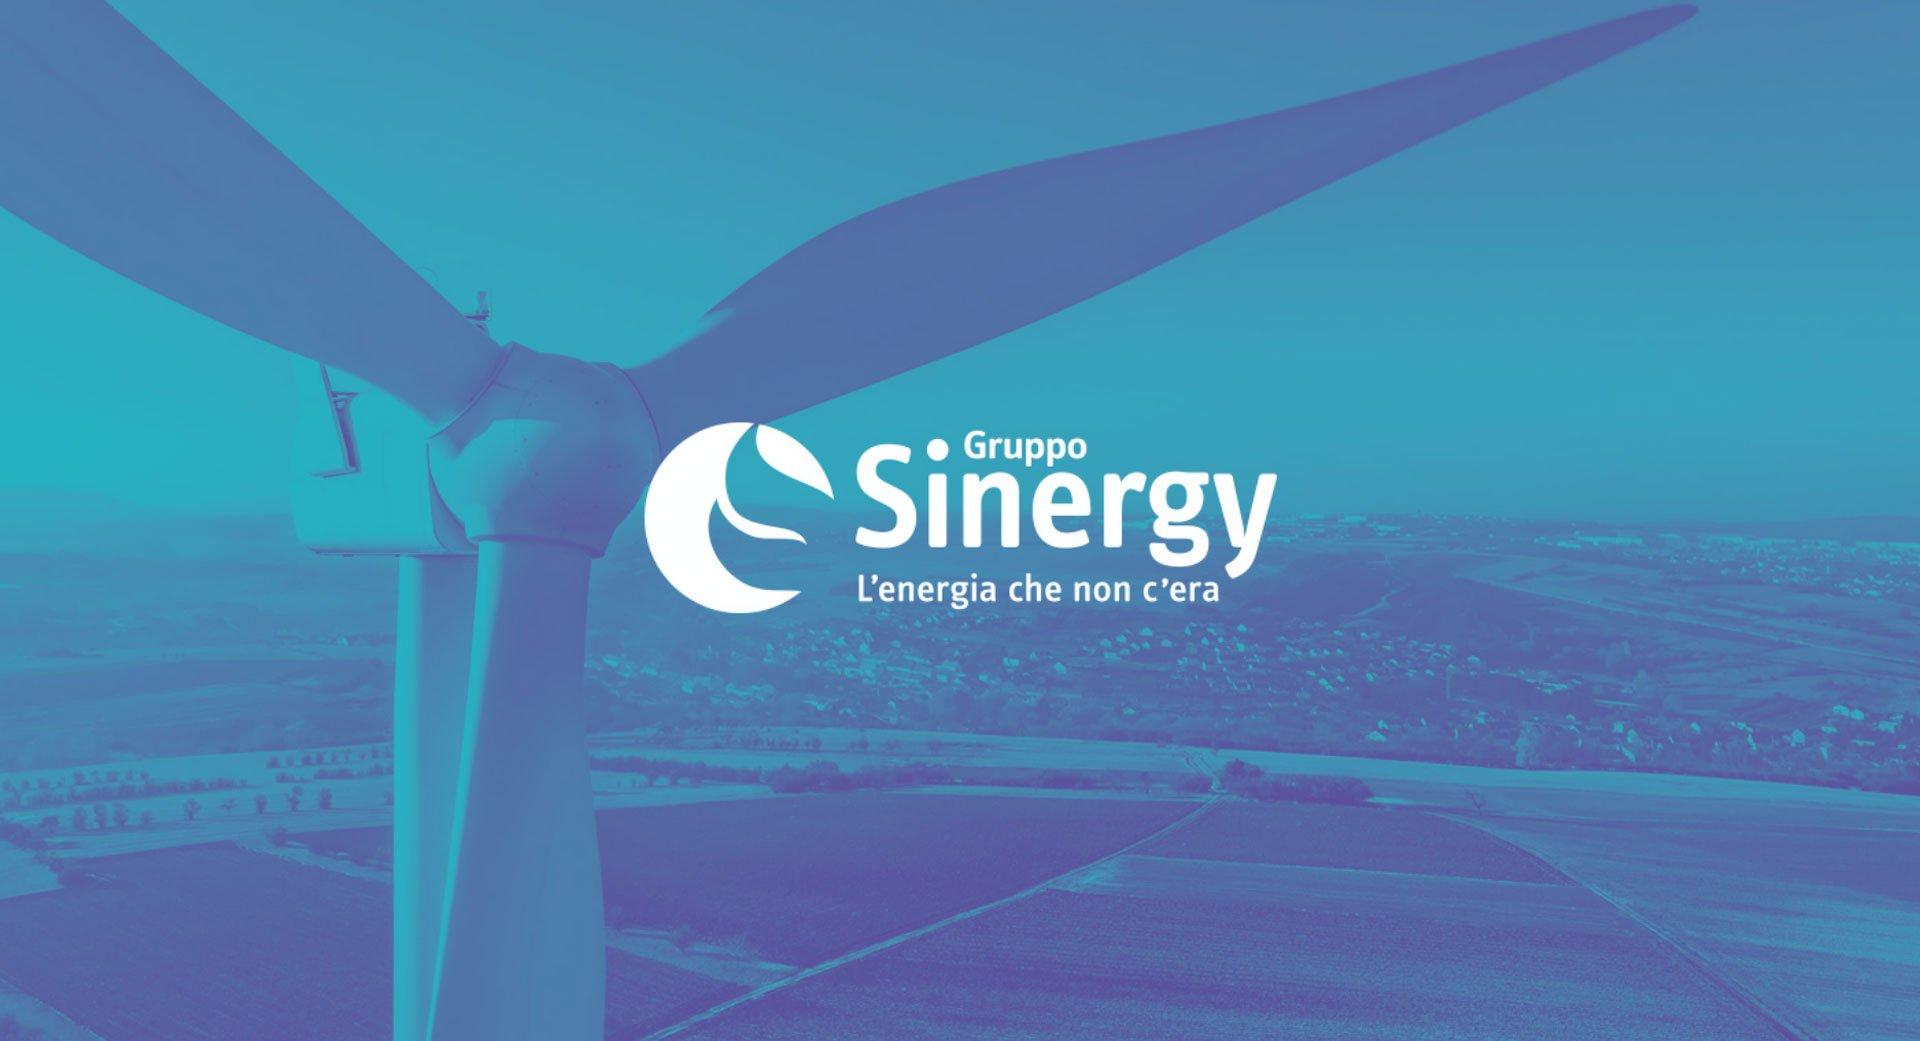 Logo Gruppo Sinergy